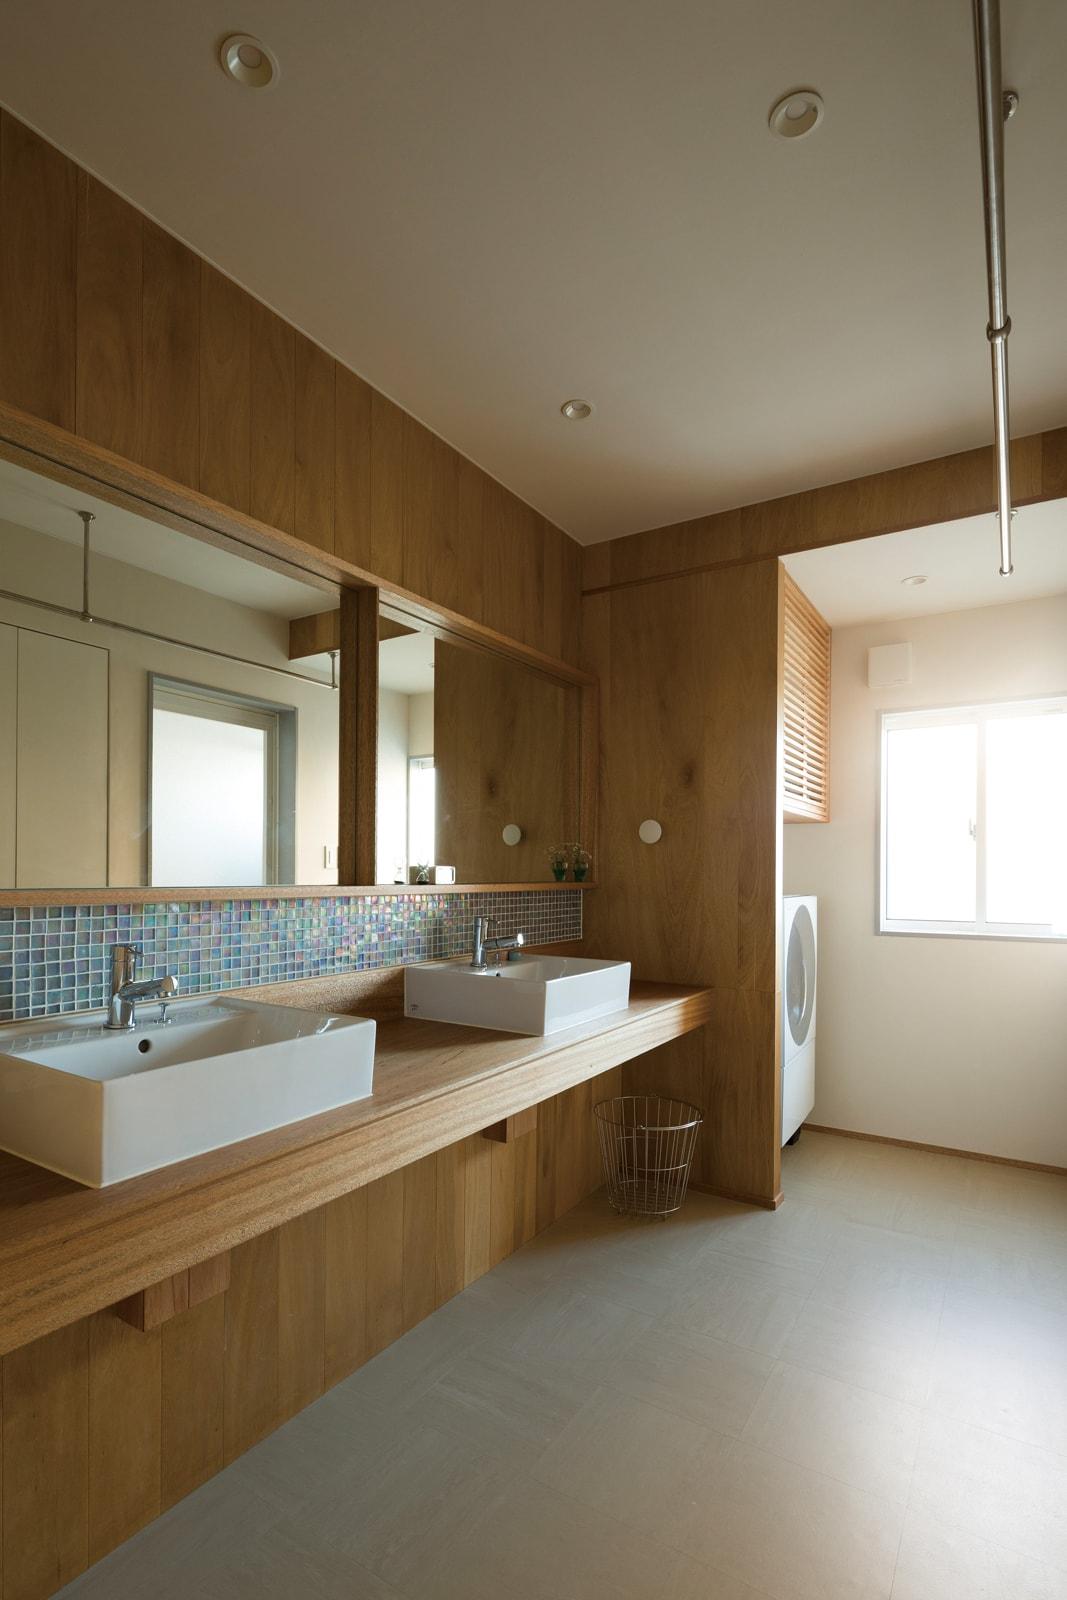 洗面スペースは奥さんたっての希望で横一面の大型鏡面に2つの洗面ボウルを設けた。木とタイルにセンスを感じる爽やかな空間